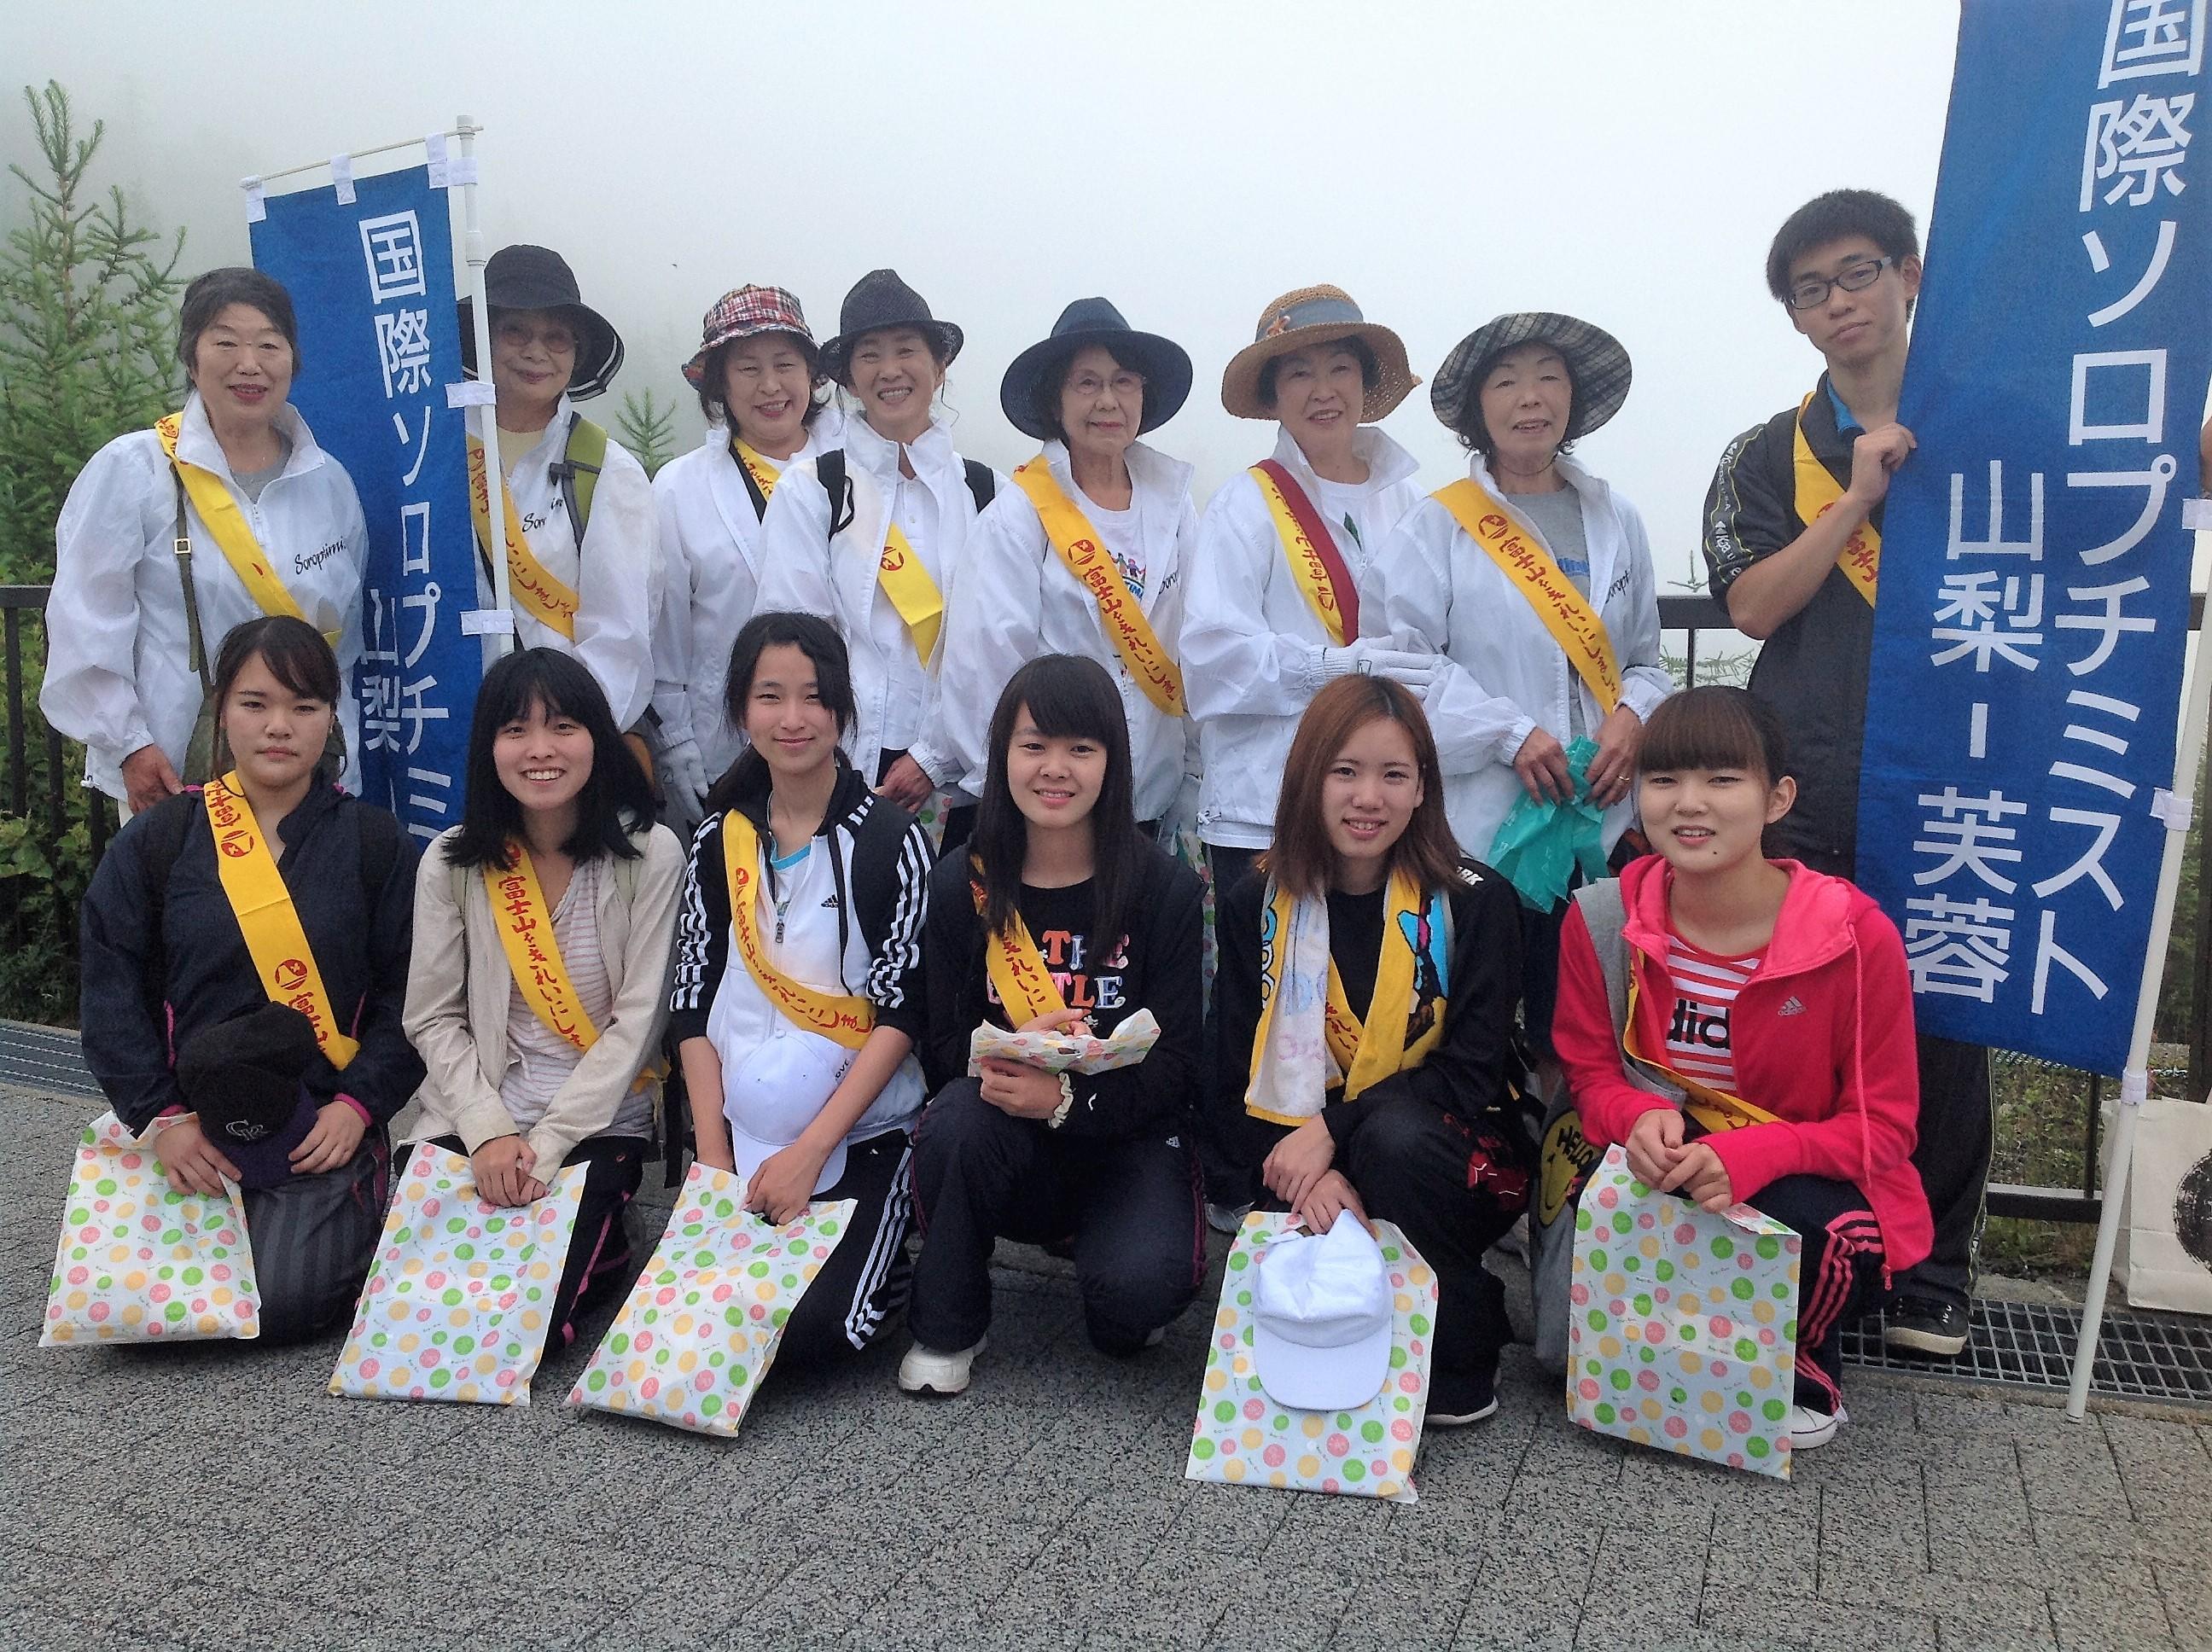 2017富士山クリーン作戦